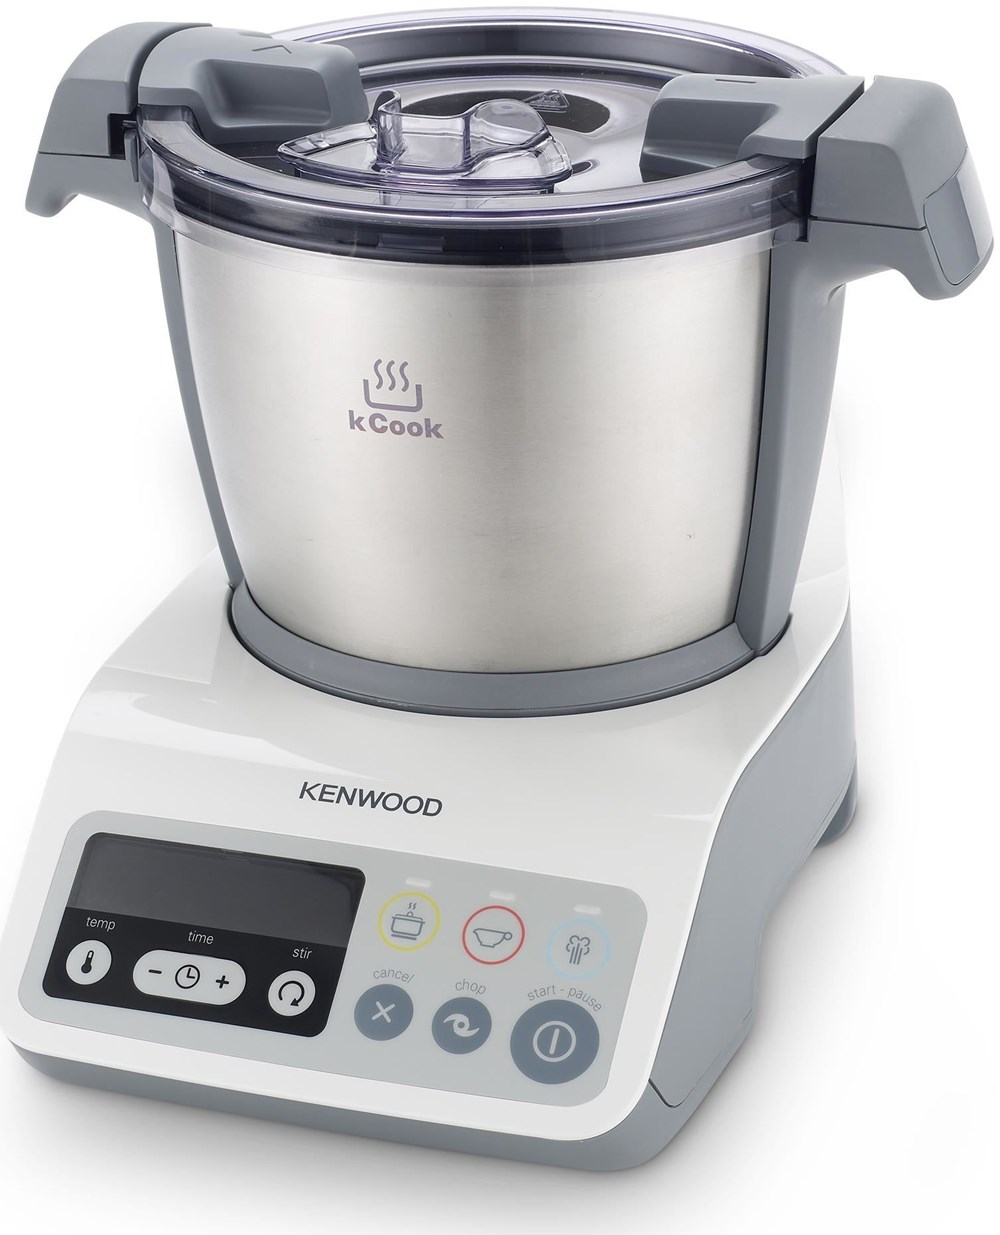 kenwood ccc 200wh kcook mit kochfunktion, gratis 2. schüssel und ... - Rezepte Für Kenwood Küchenmaschine